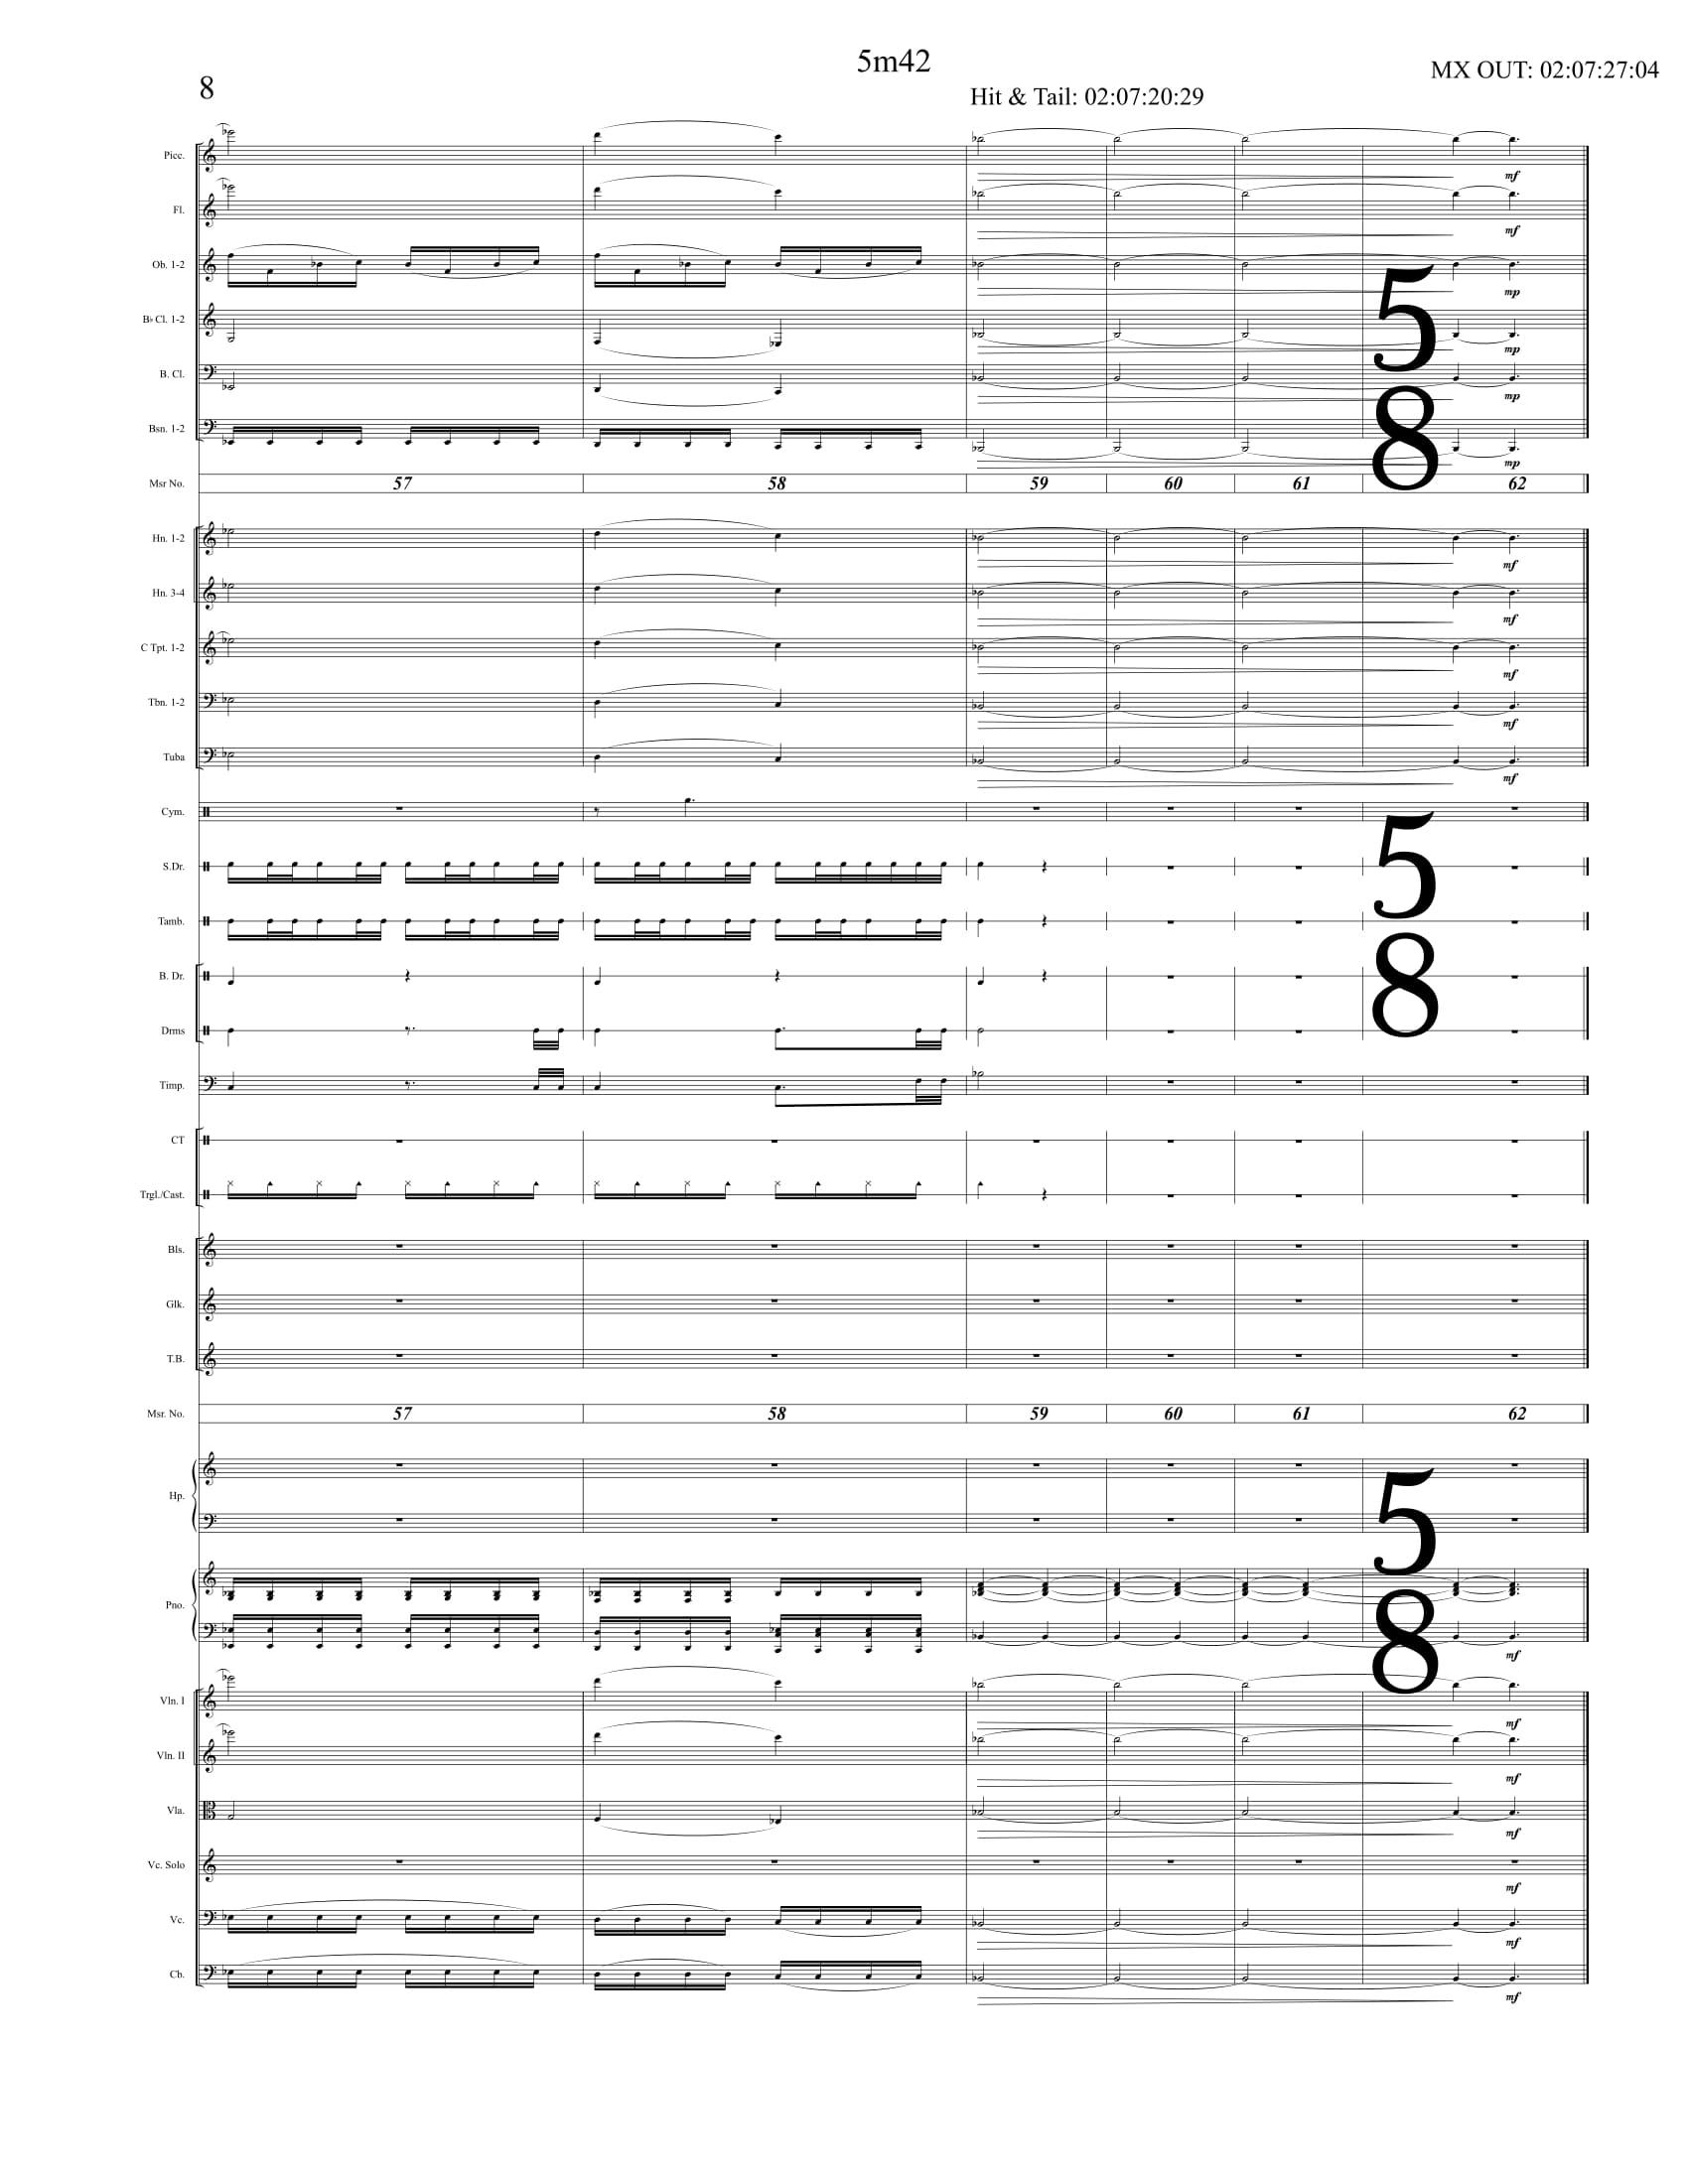 5m42 Full Score-8.jpg